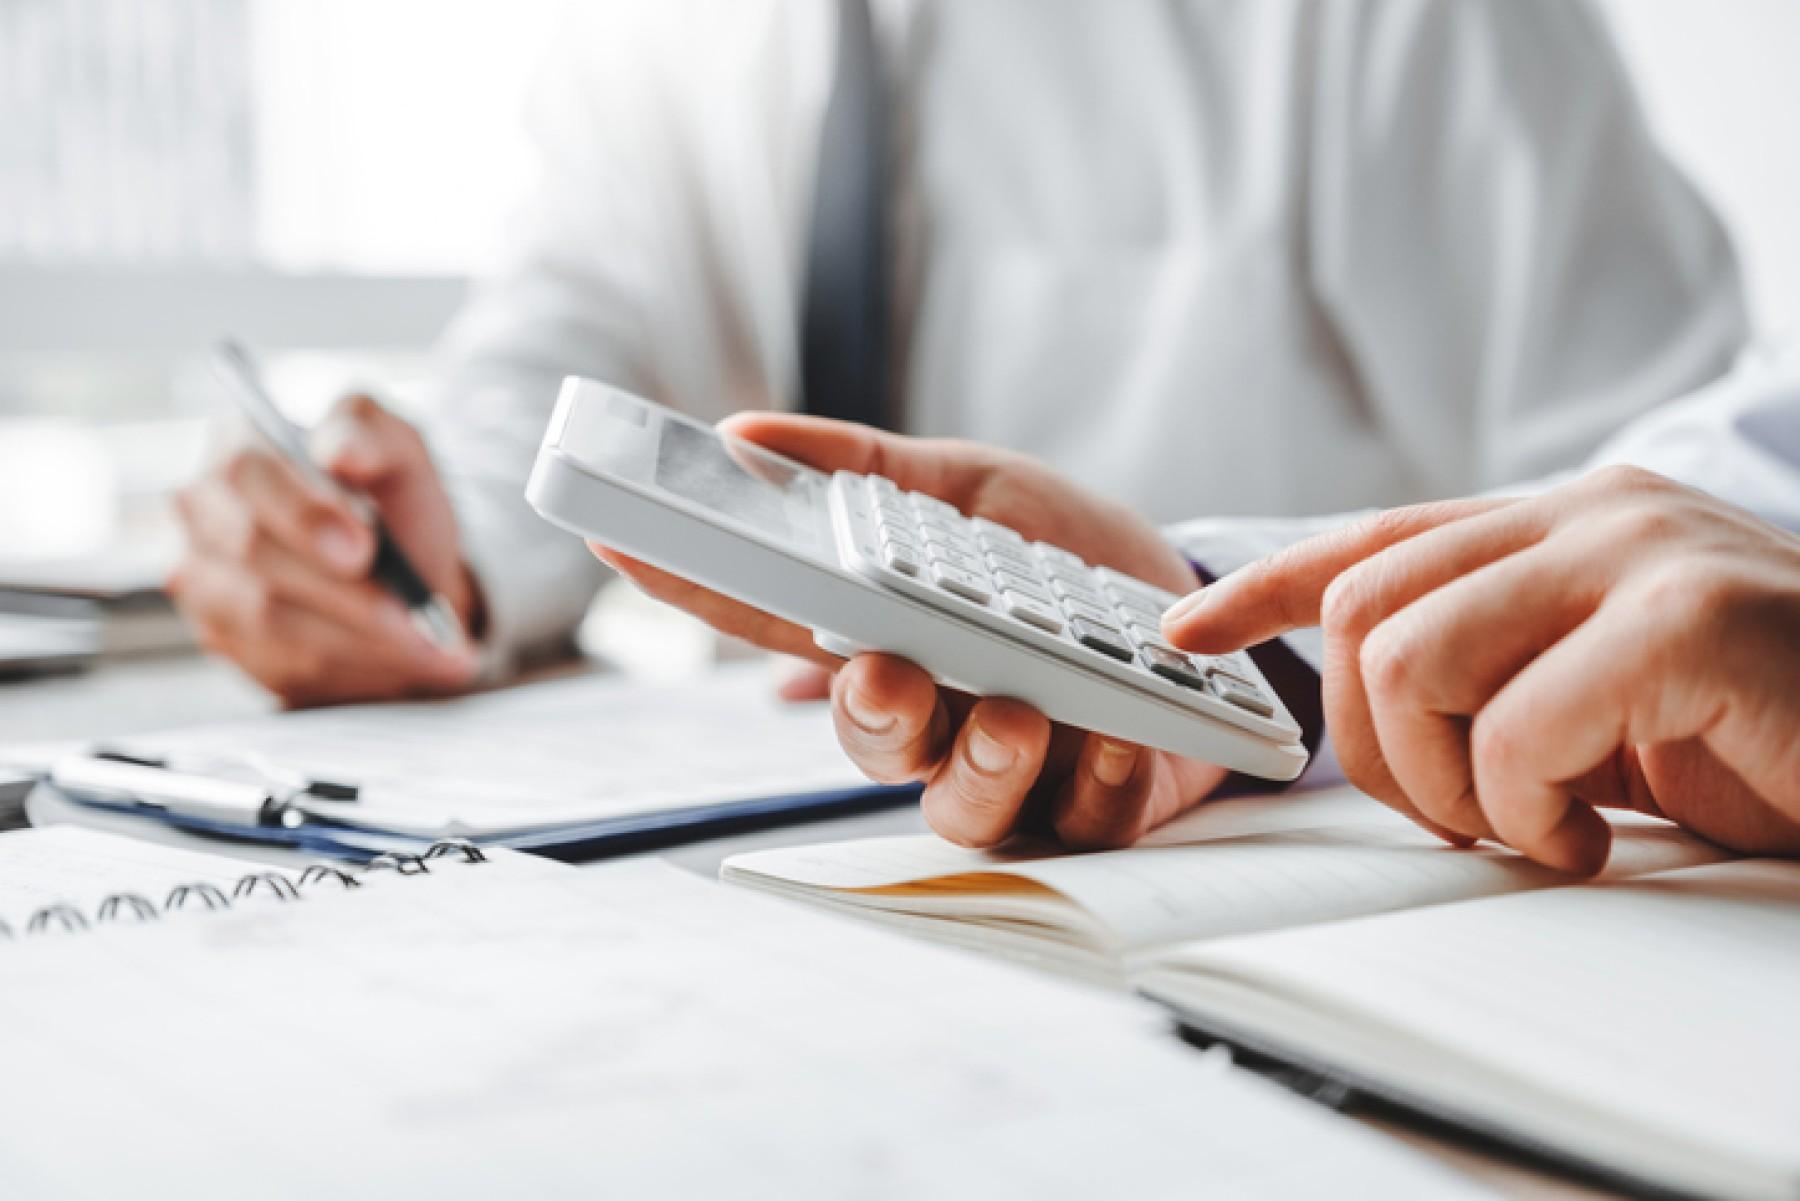 Anuncia SAT aumento de 13% en devoluciones a contribuyentes